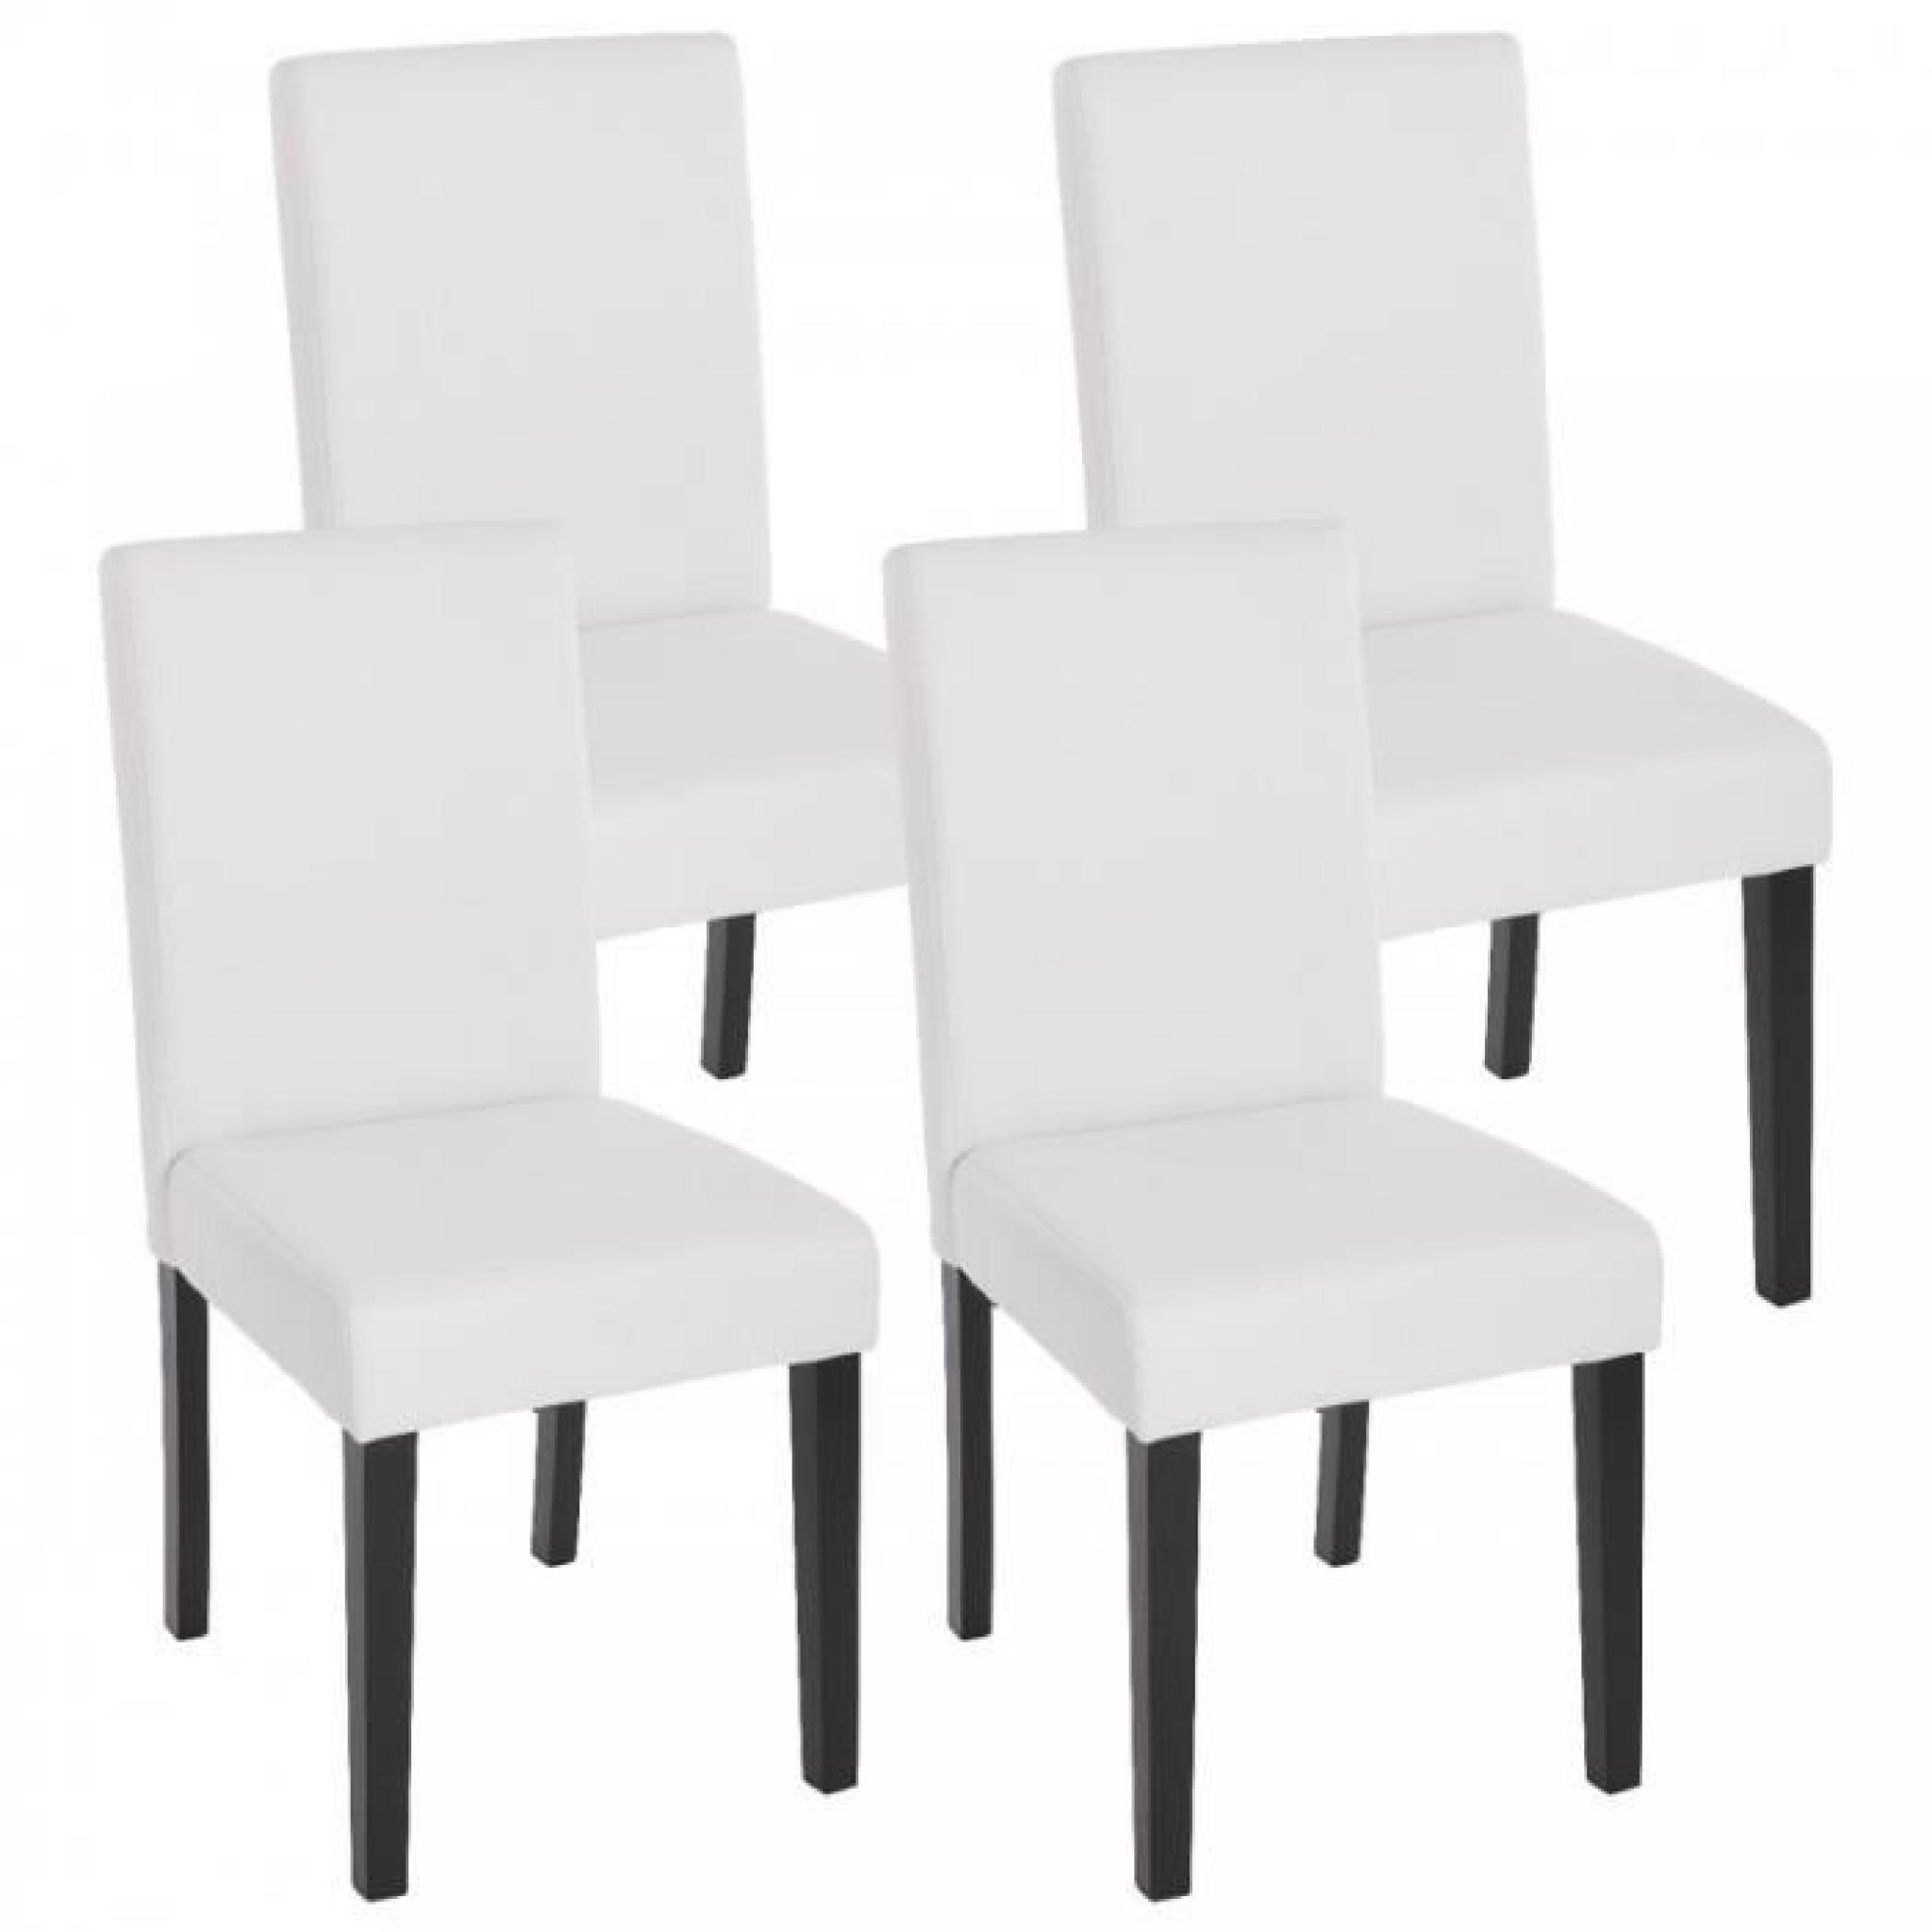 de manger chaises Lot foncés CDS04137 pieds mat cuir salle simili blanc à 4 de wPv80ynOmN